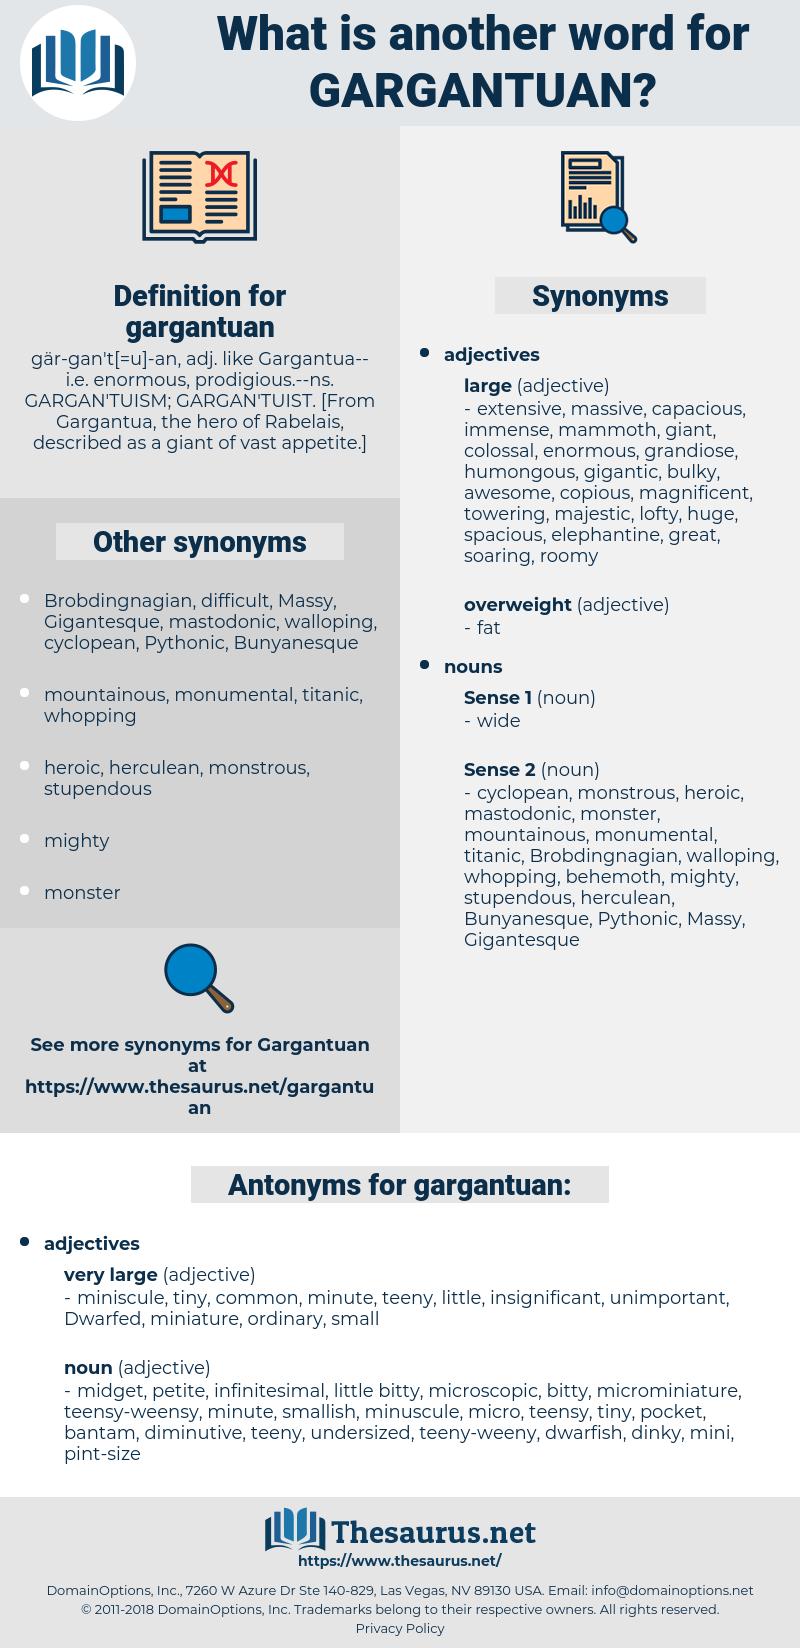 gargantuan, synonym gargantuan, another word for gargantuan, words like gargantuan, thesaurus gargantuan